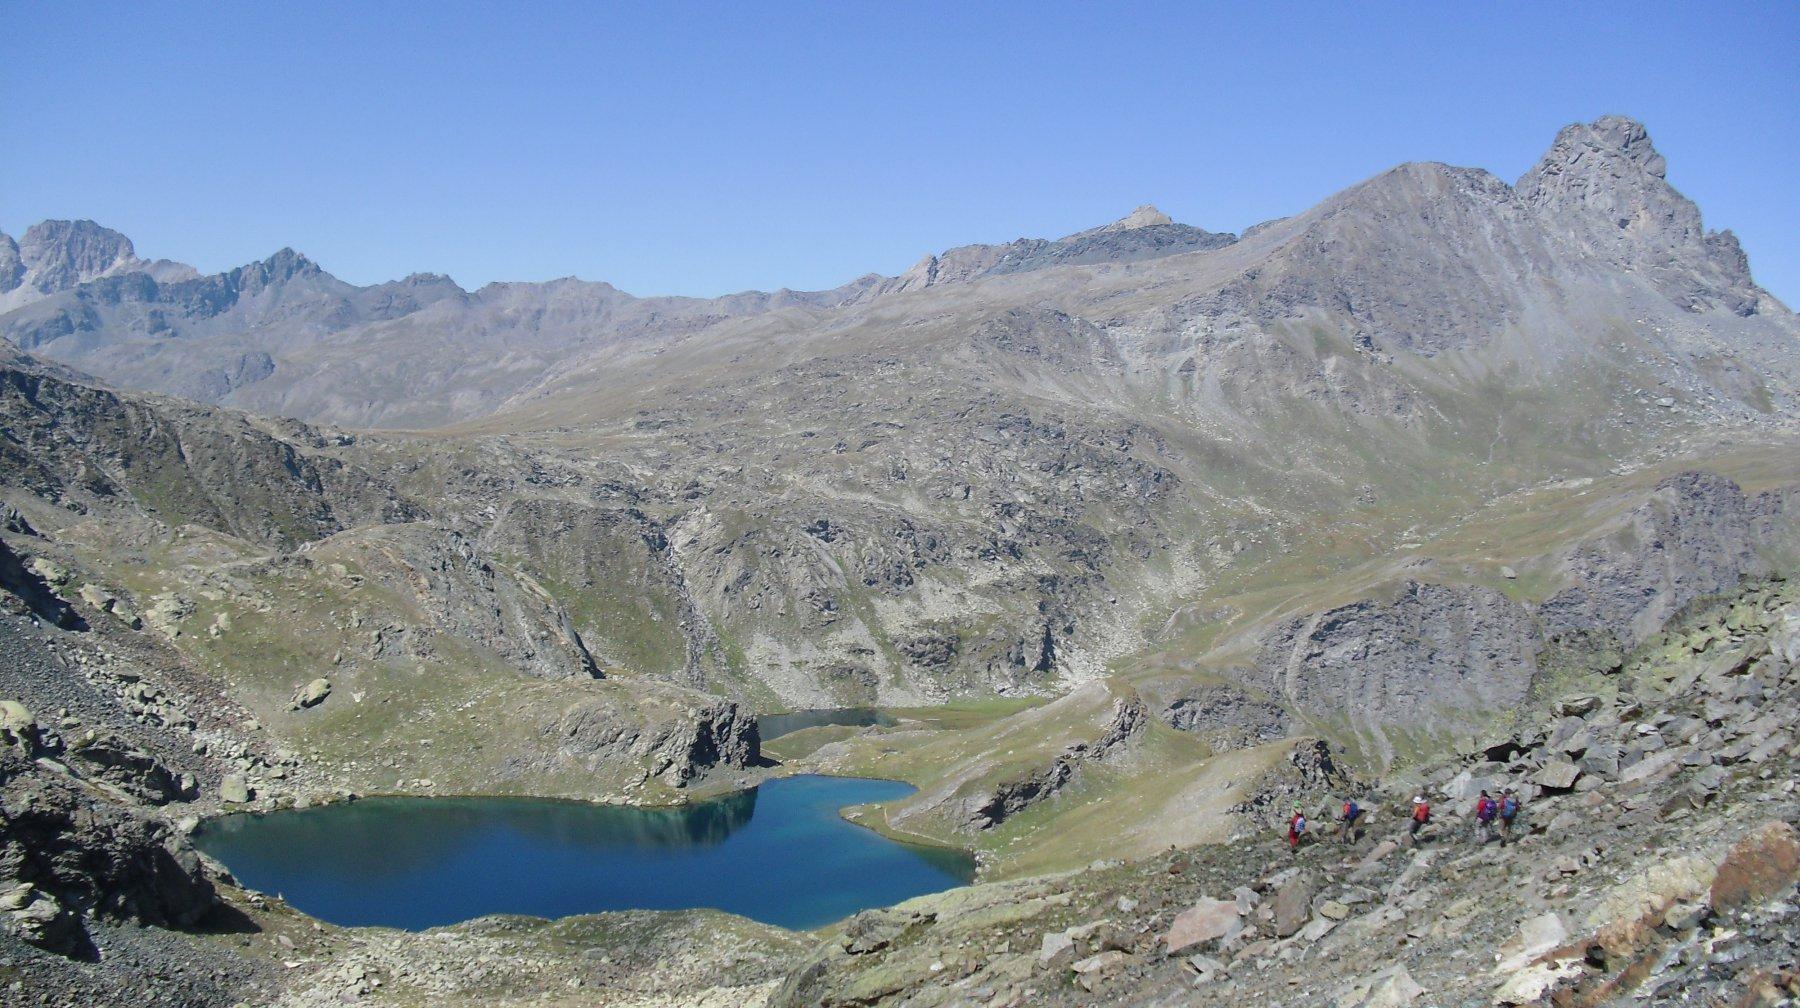 Roc de la Niera e laghi.